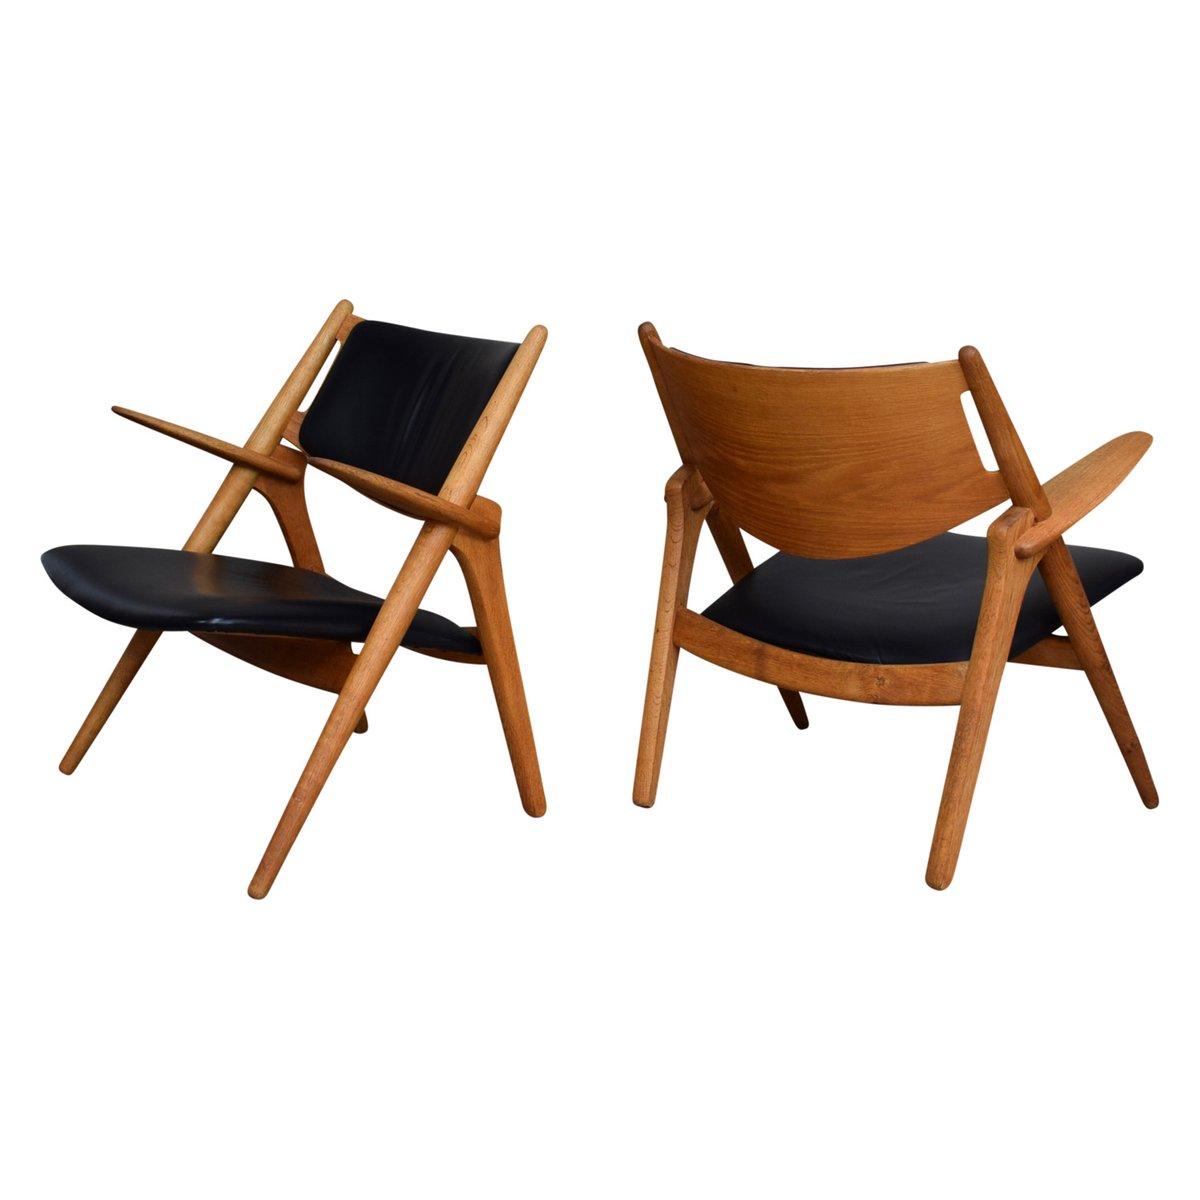 Modell CH28 Sawbuck Chairs von Hans J. Wegner für Carl Hansen & Søn, 1...